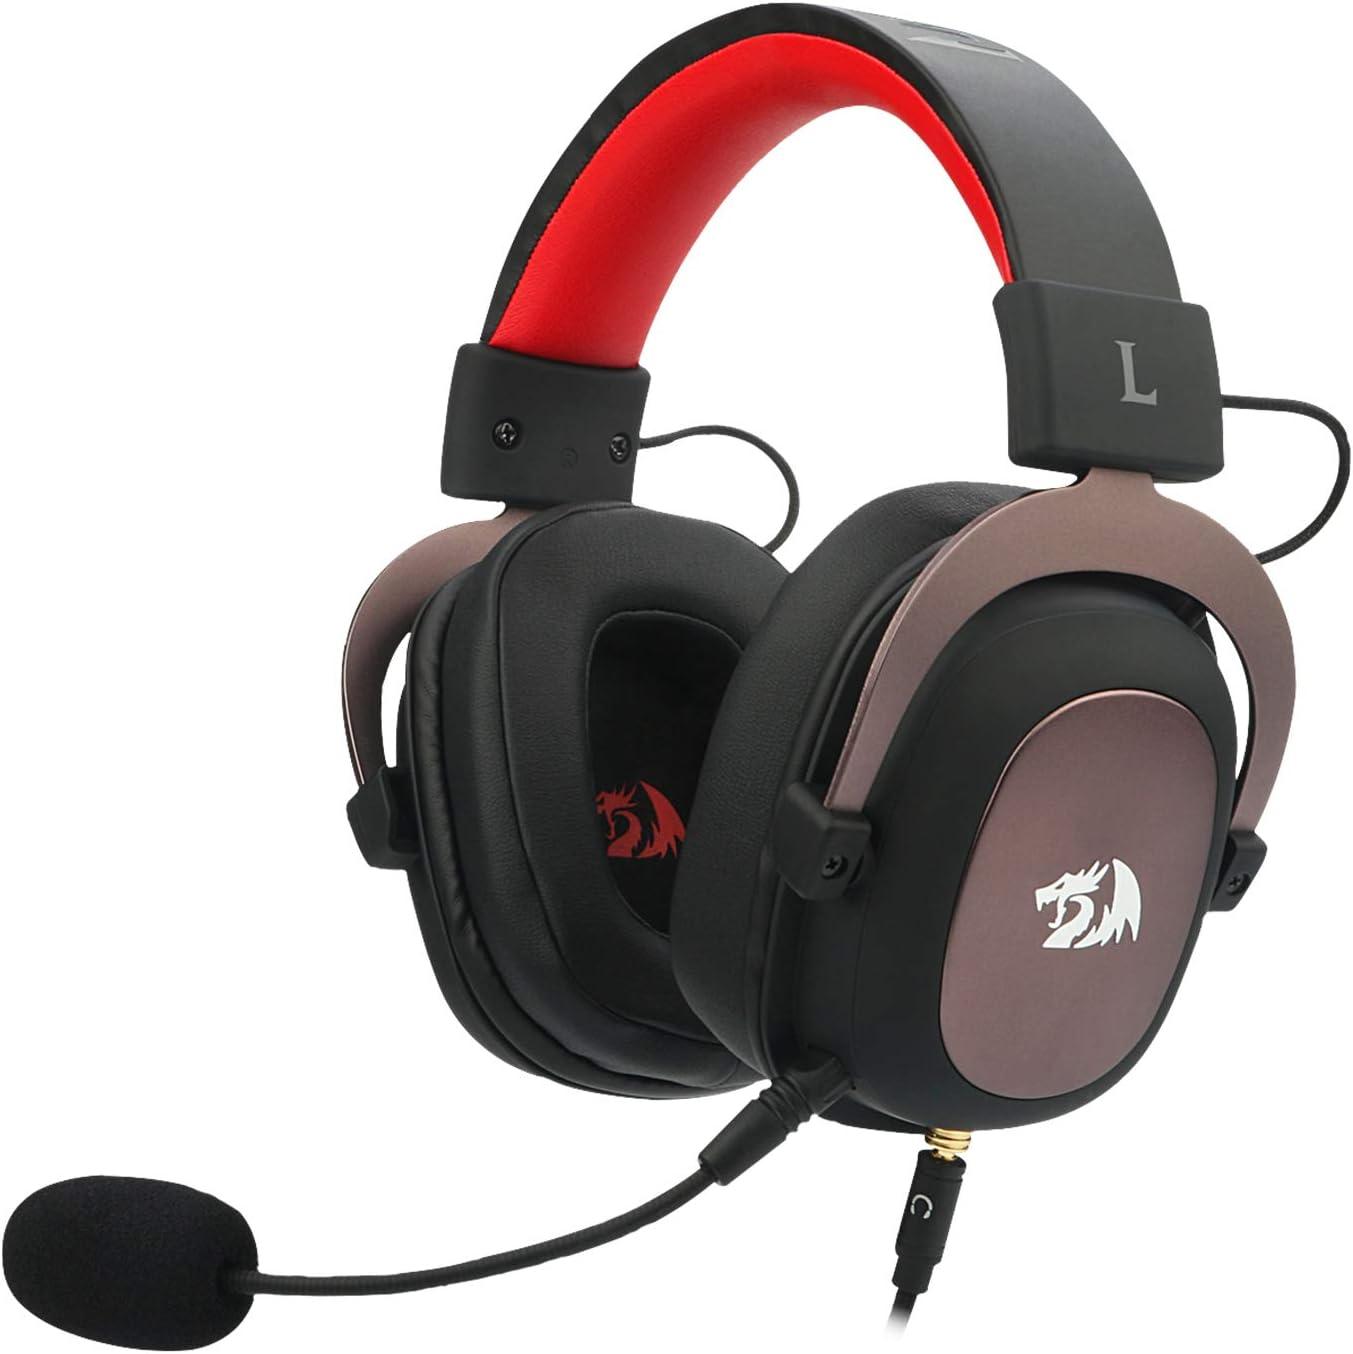 Redragon H510 Zeus 2 - Auriculares Headset cómodos para Gaming - Audio de Alta Definición + Potentes Bajos - Cascos con Micrófono para PC, Móvil, PS4 - Sonido 7.1 + Software descargable